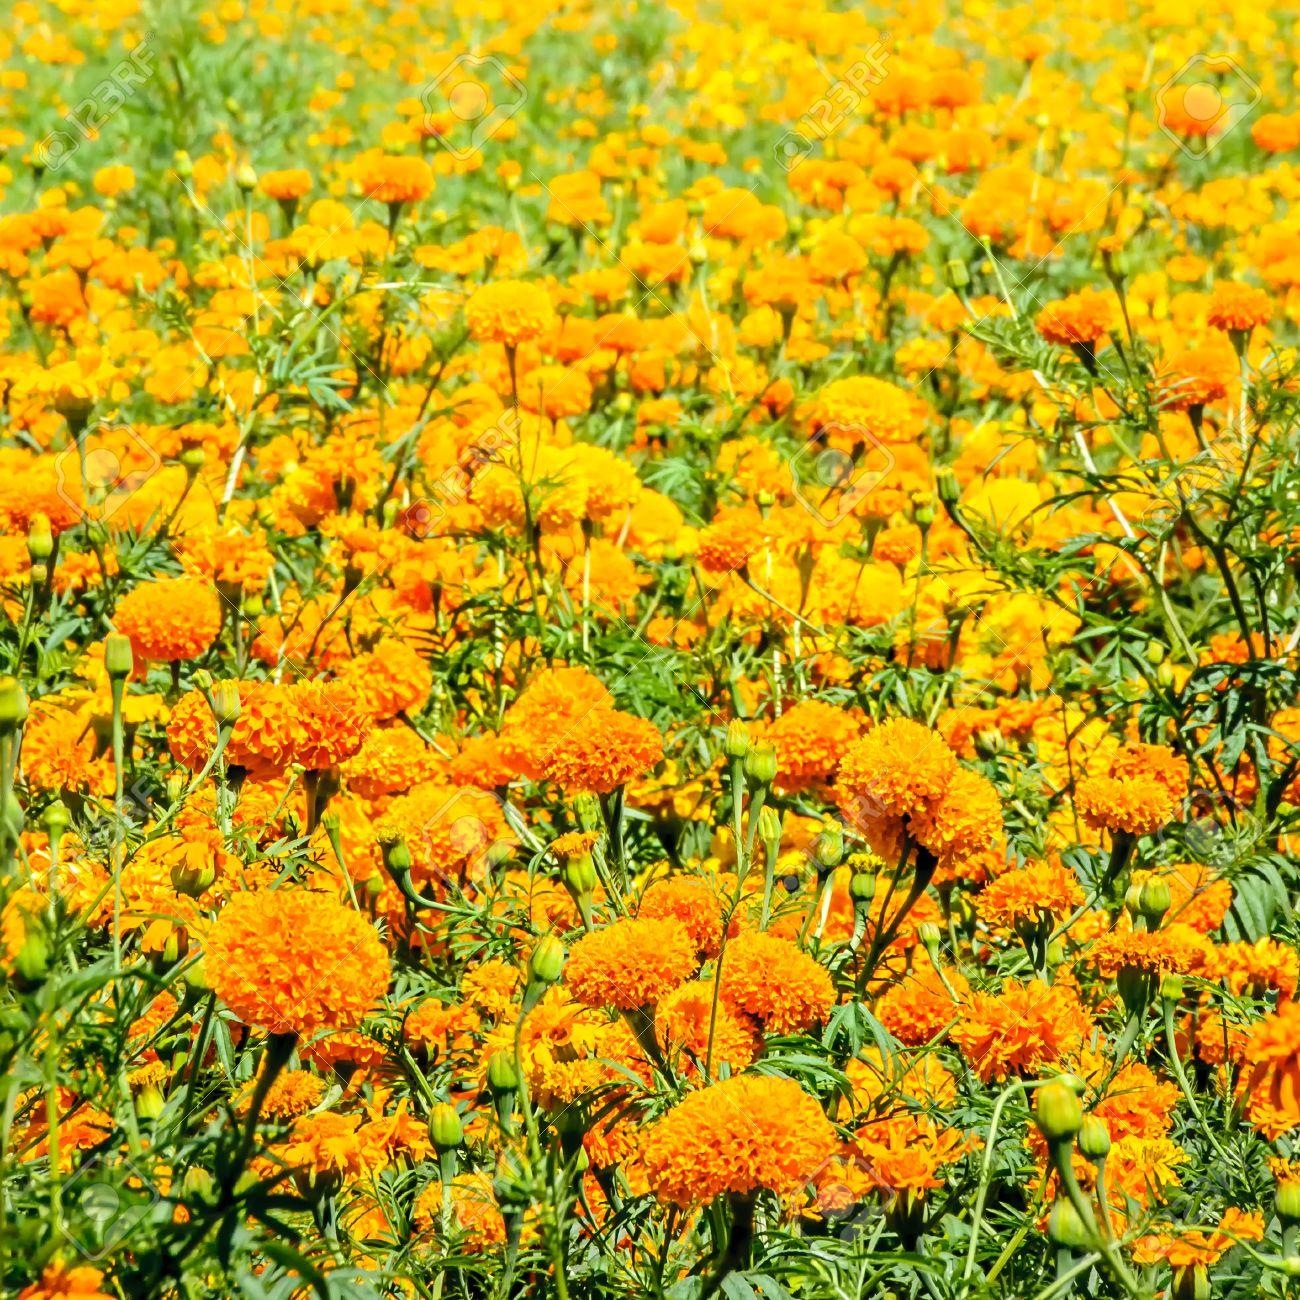 champ de fleurs cempasúchil. tagetes erecta, le souci du mexique